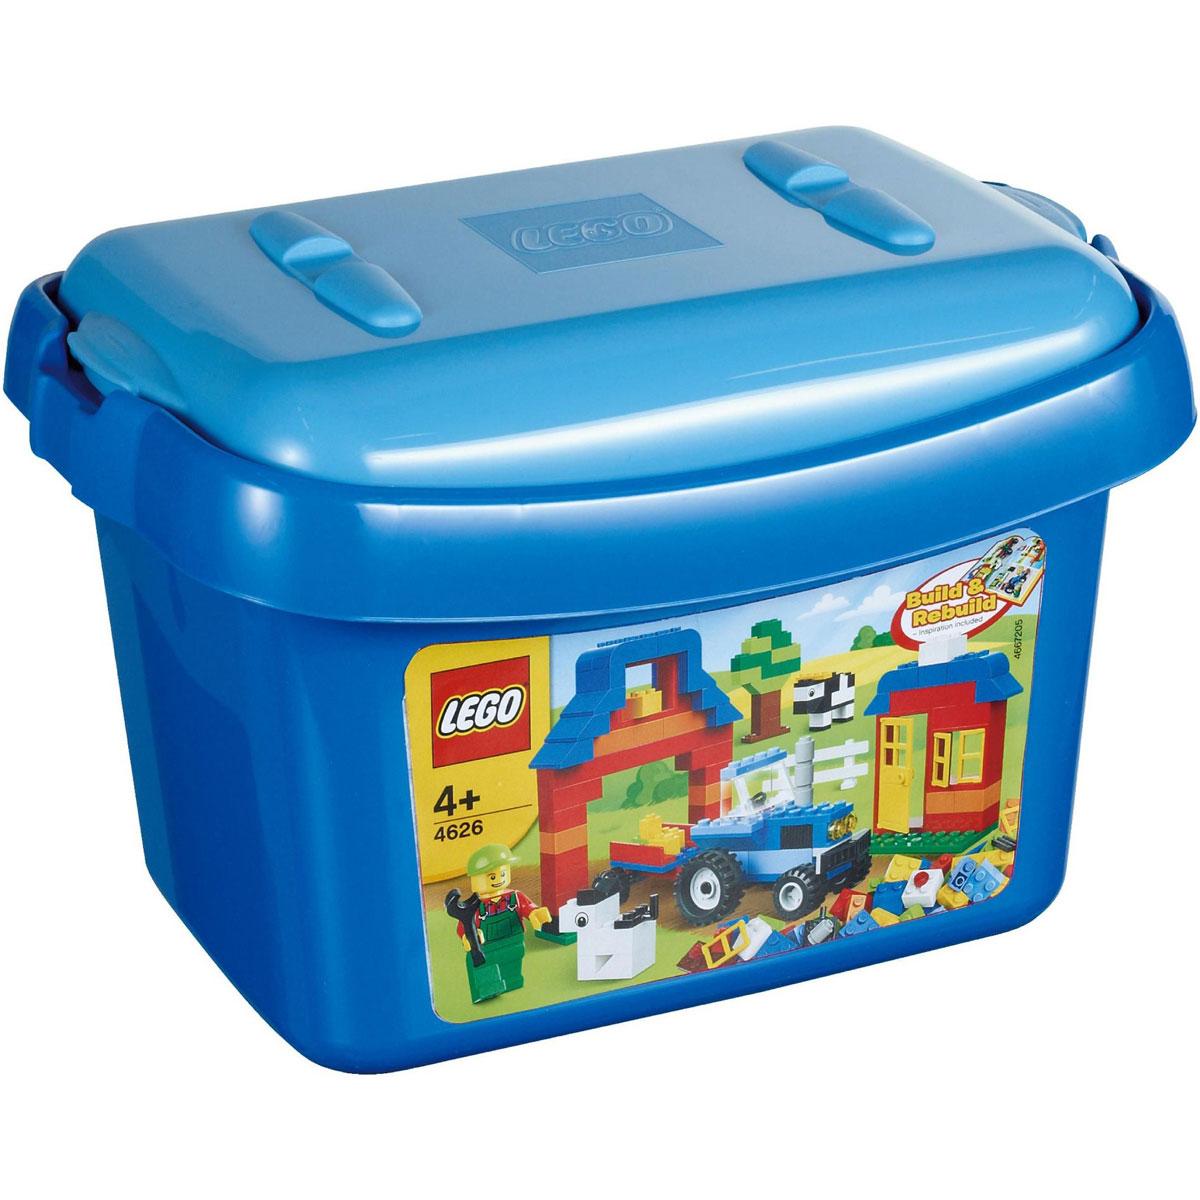 Do choi LEGO 4626 - Xep hinh nong trai than yeu